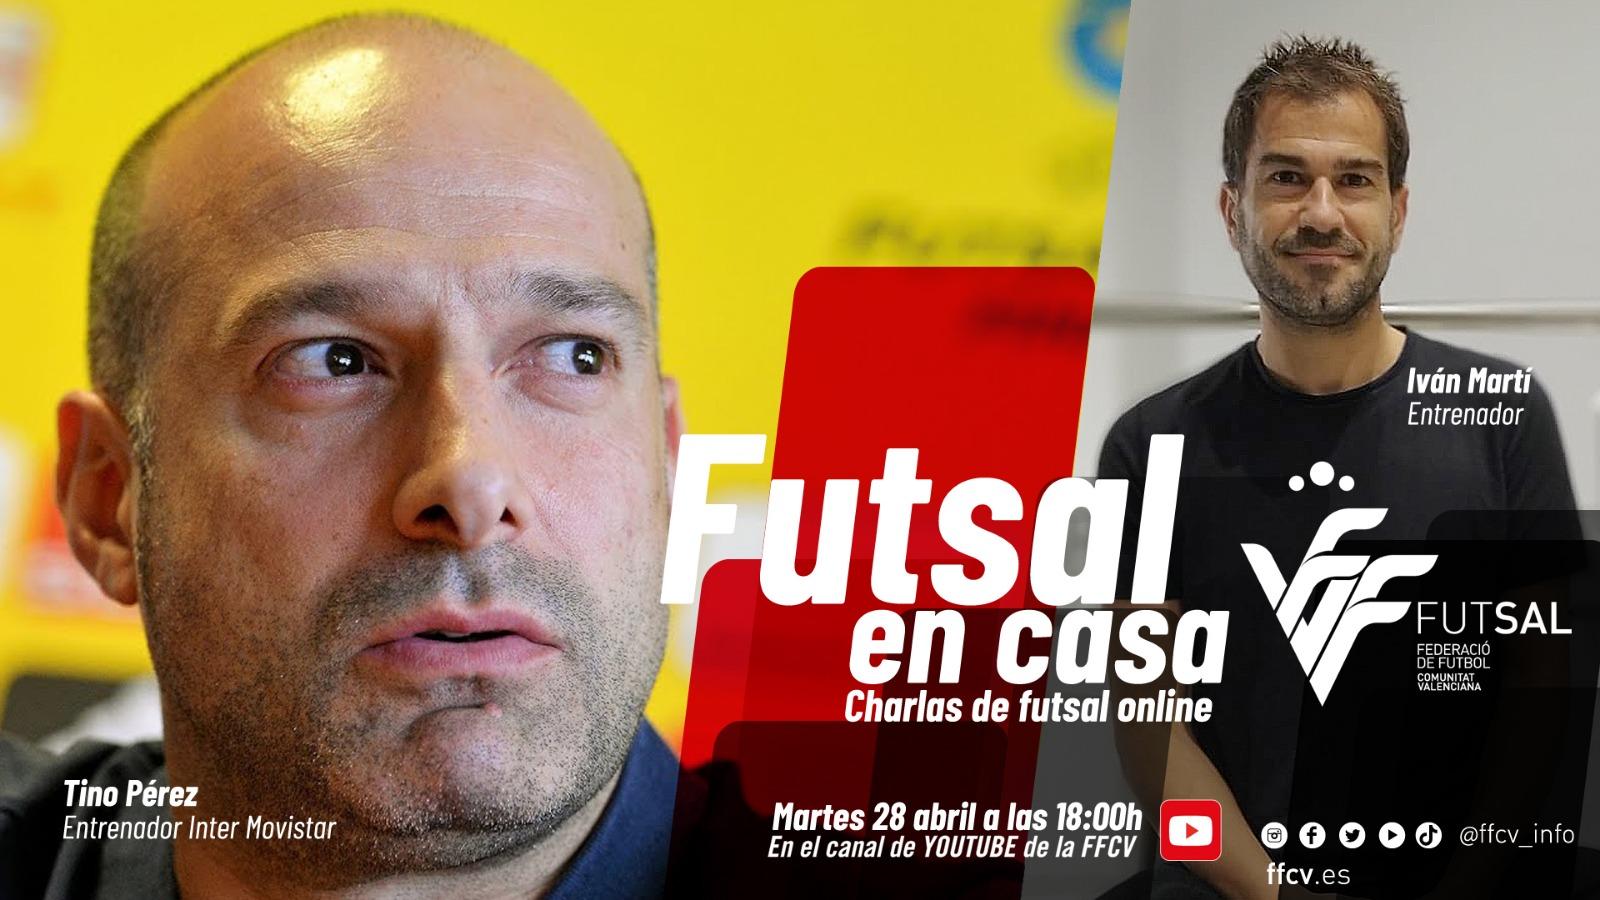 Futsal en casa, con Tino Pérez e Ivan Martí